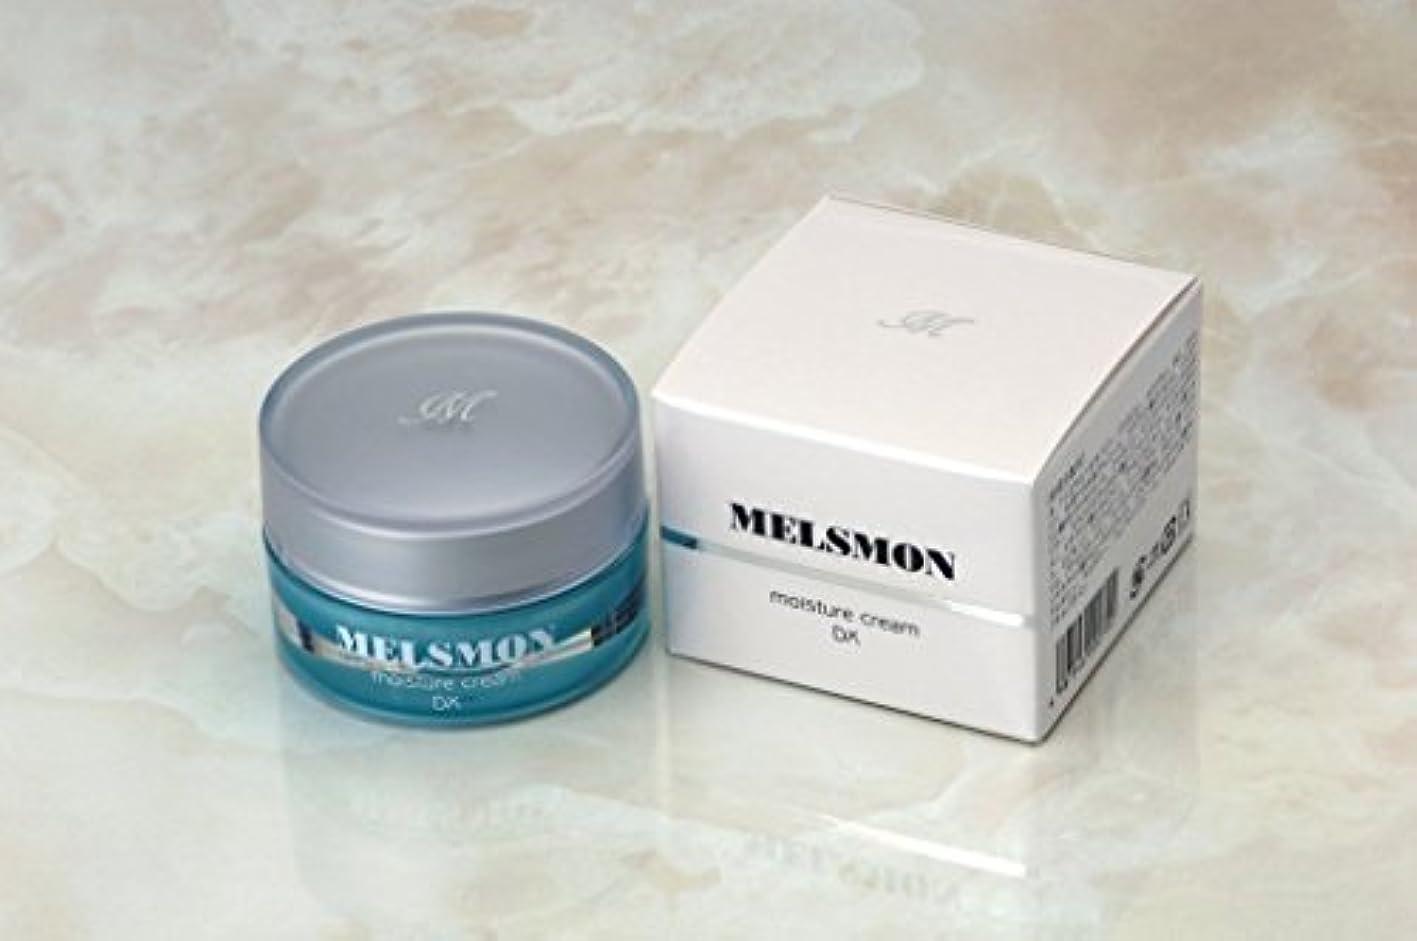 無効にするくすぐったい縫う【メルスモン製薬】メルスモン モイスチャークリームDX 30g